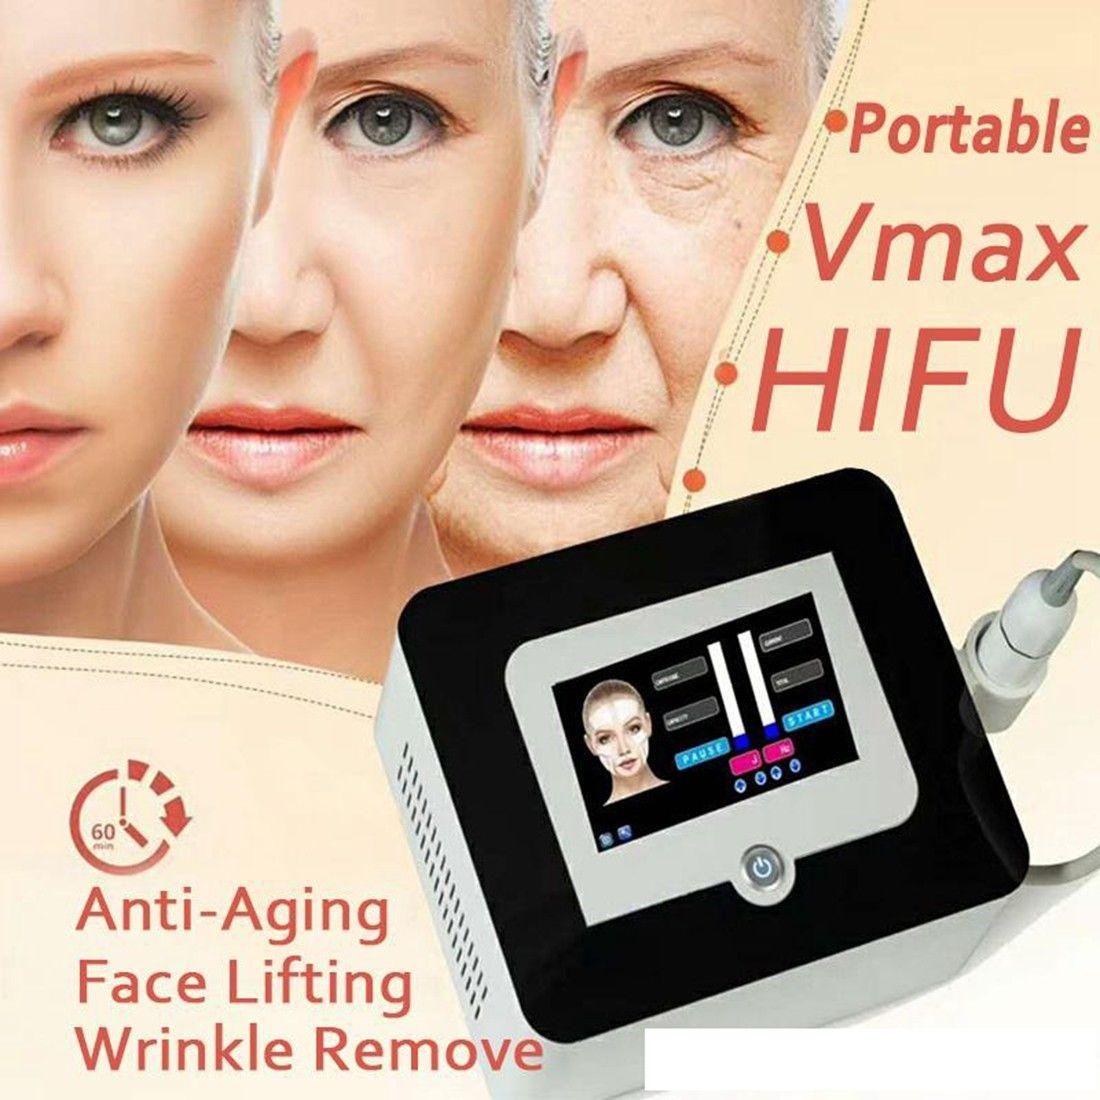 Haute qualité!!! BONNES RÉSULTATS HIFU Visage HiFu Soulevez de haute intensité Focalisée Anti-vieillissement de rides anti-vieillissement TIPS de cartouche de machine de machine HIFU VMAX HIFU